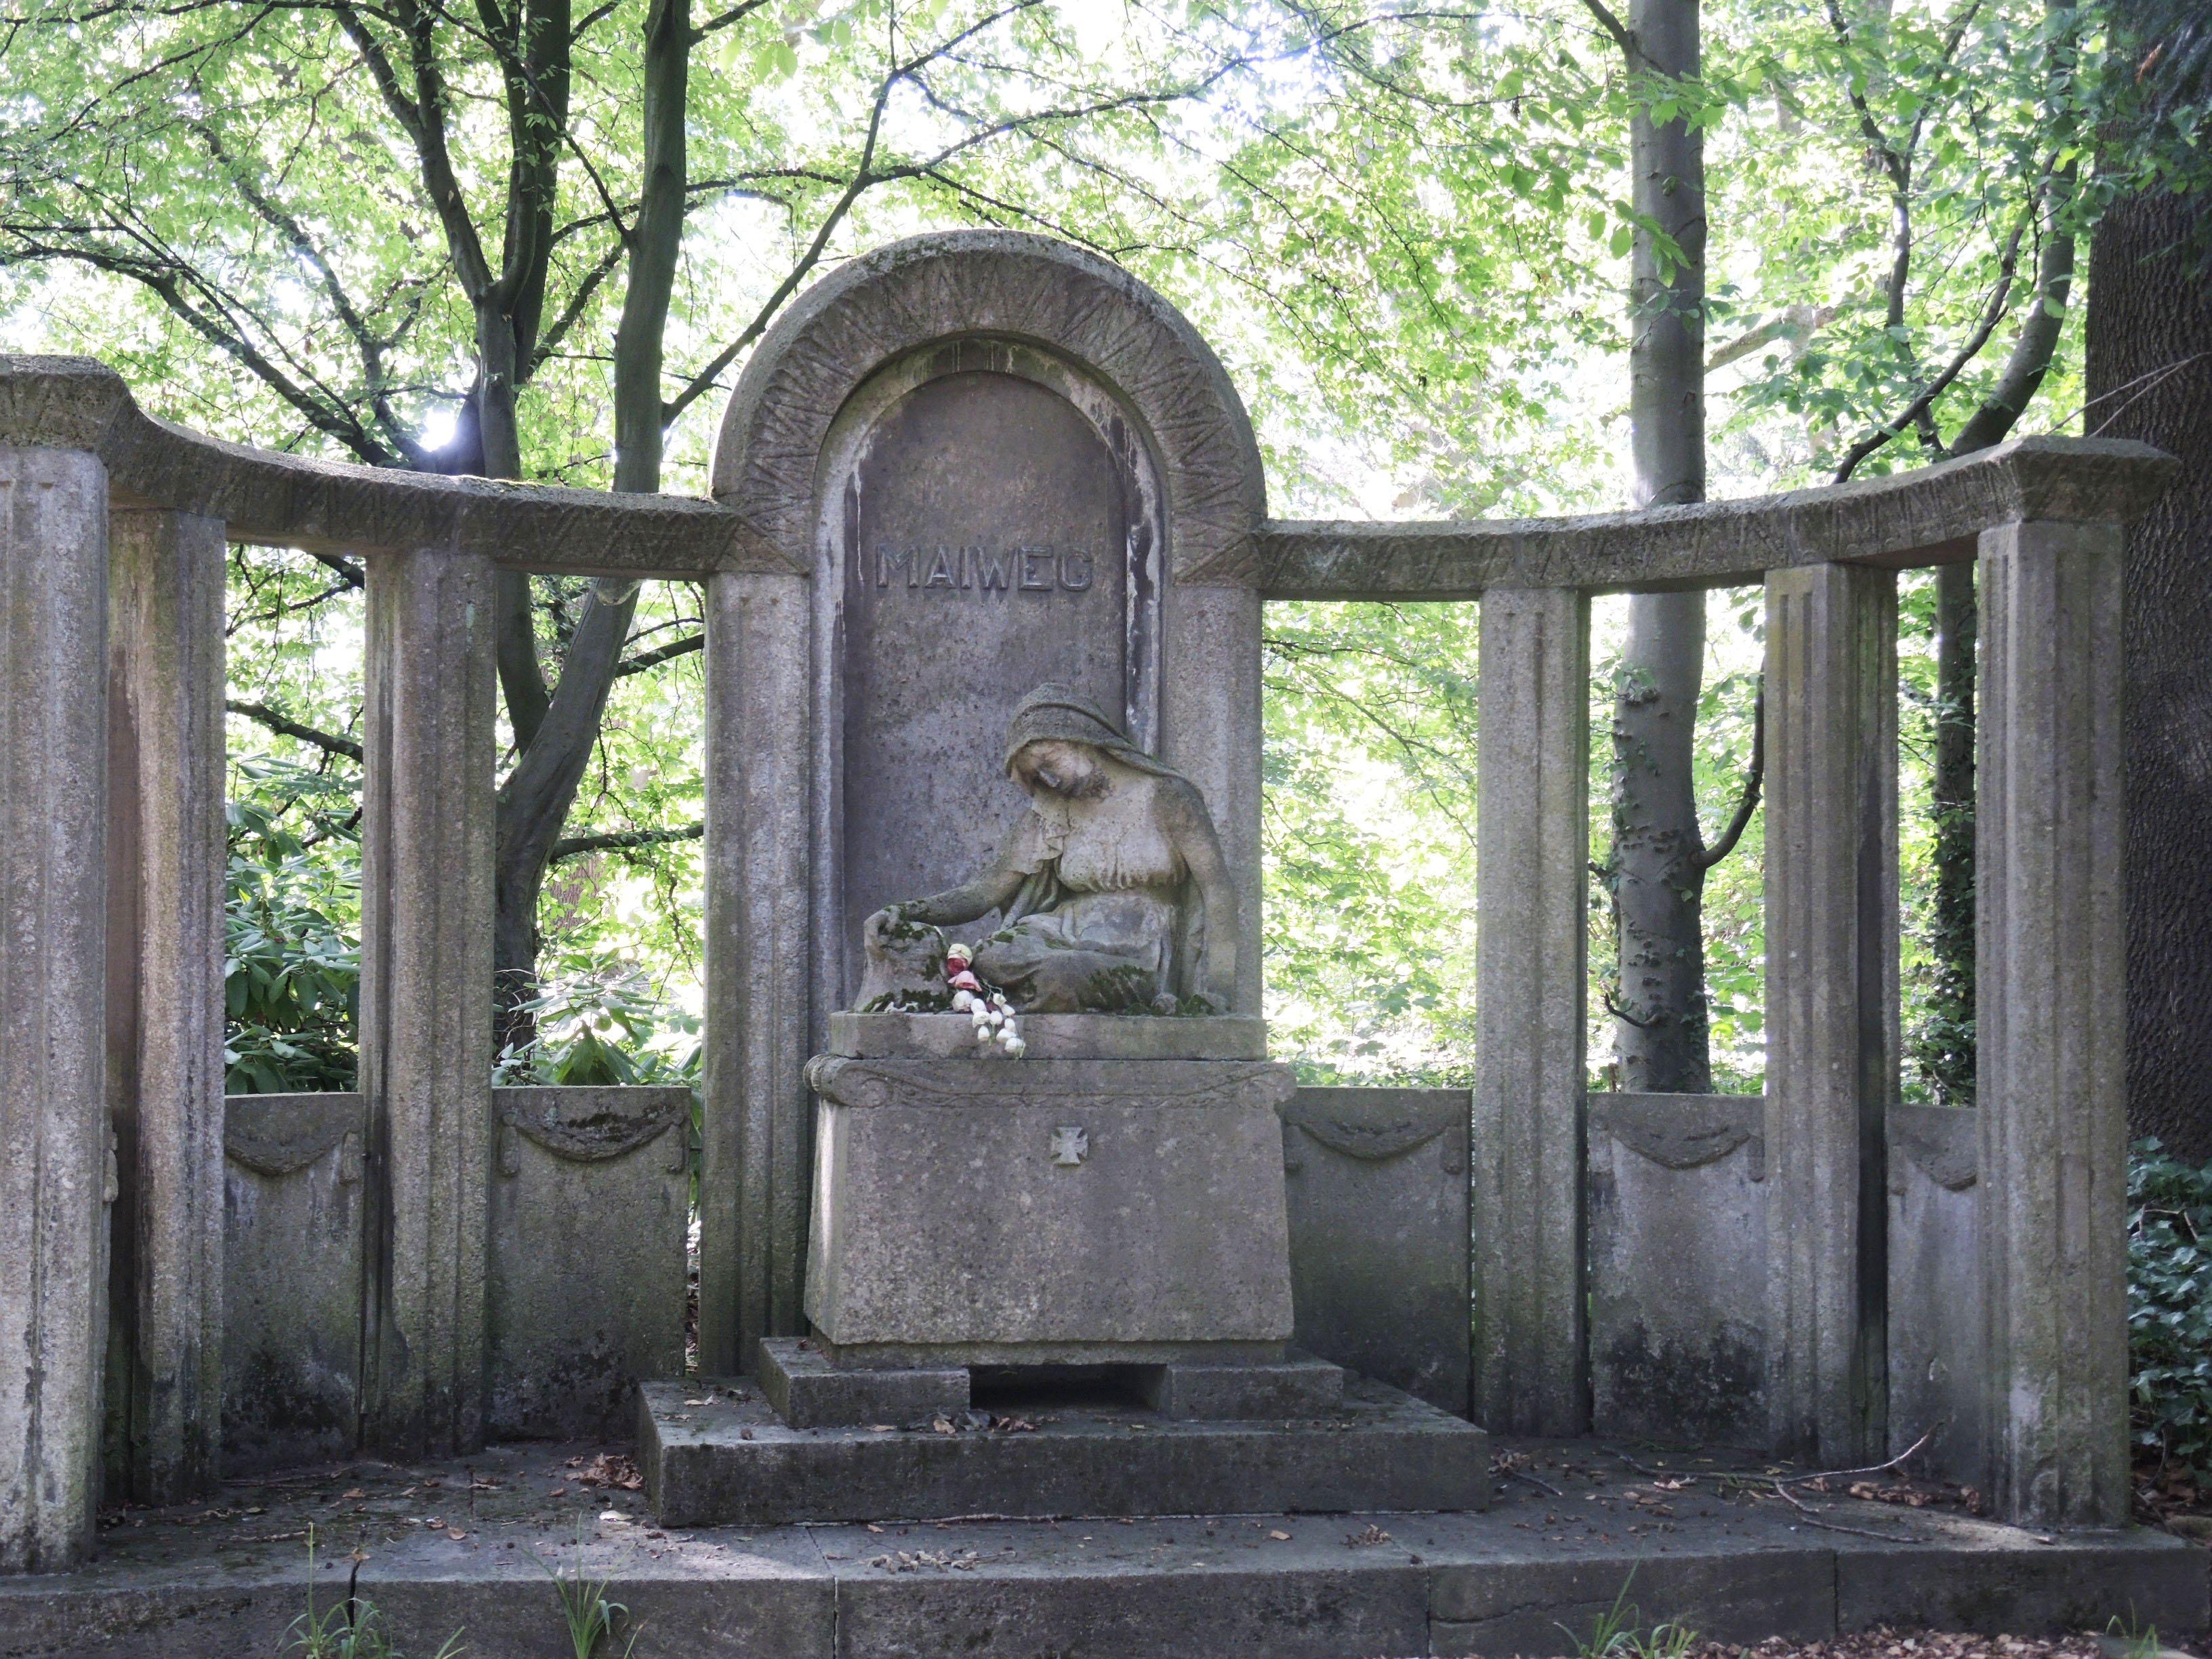 Auf dem Ostfriedhof gibt es zahlreiche denkmalgeschützte Skulpturen und Denkmäler. (Archivfoto: Wir in Dortmund)